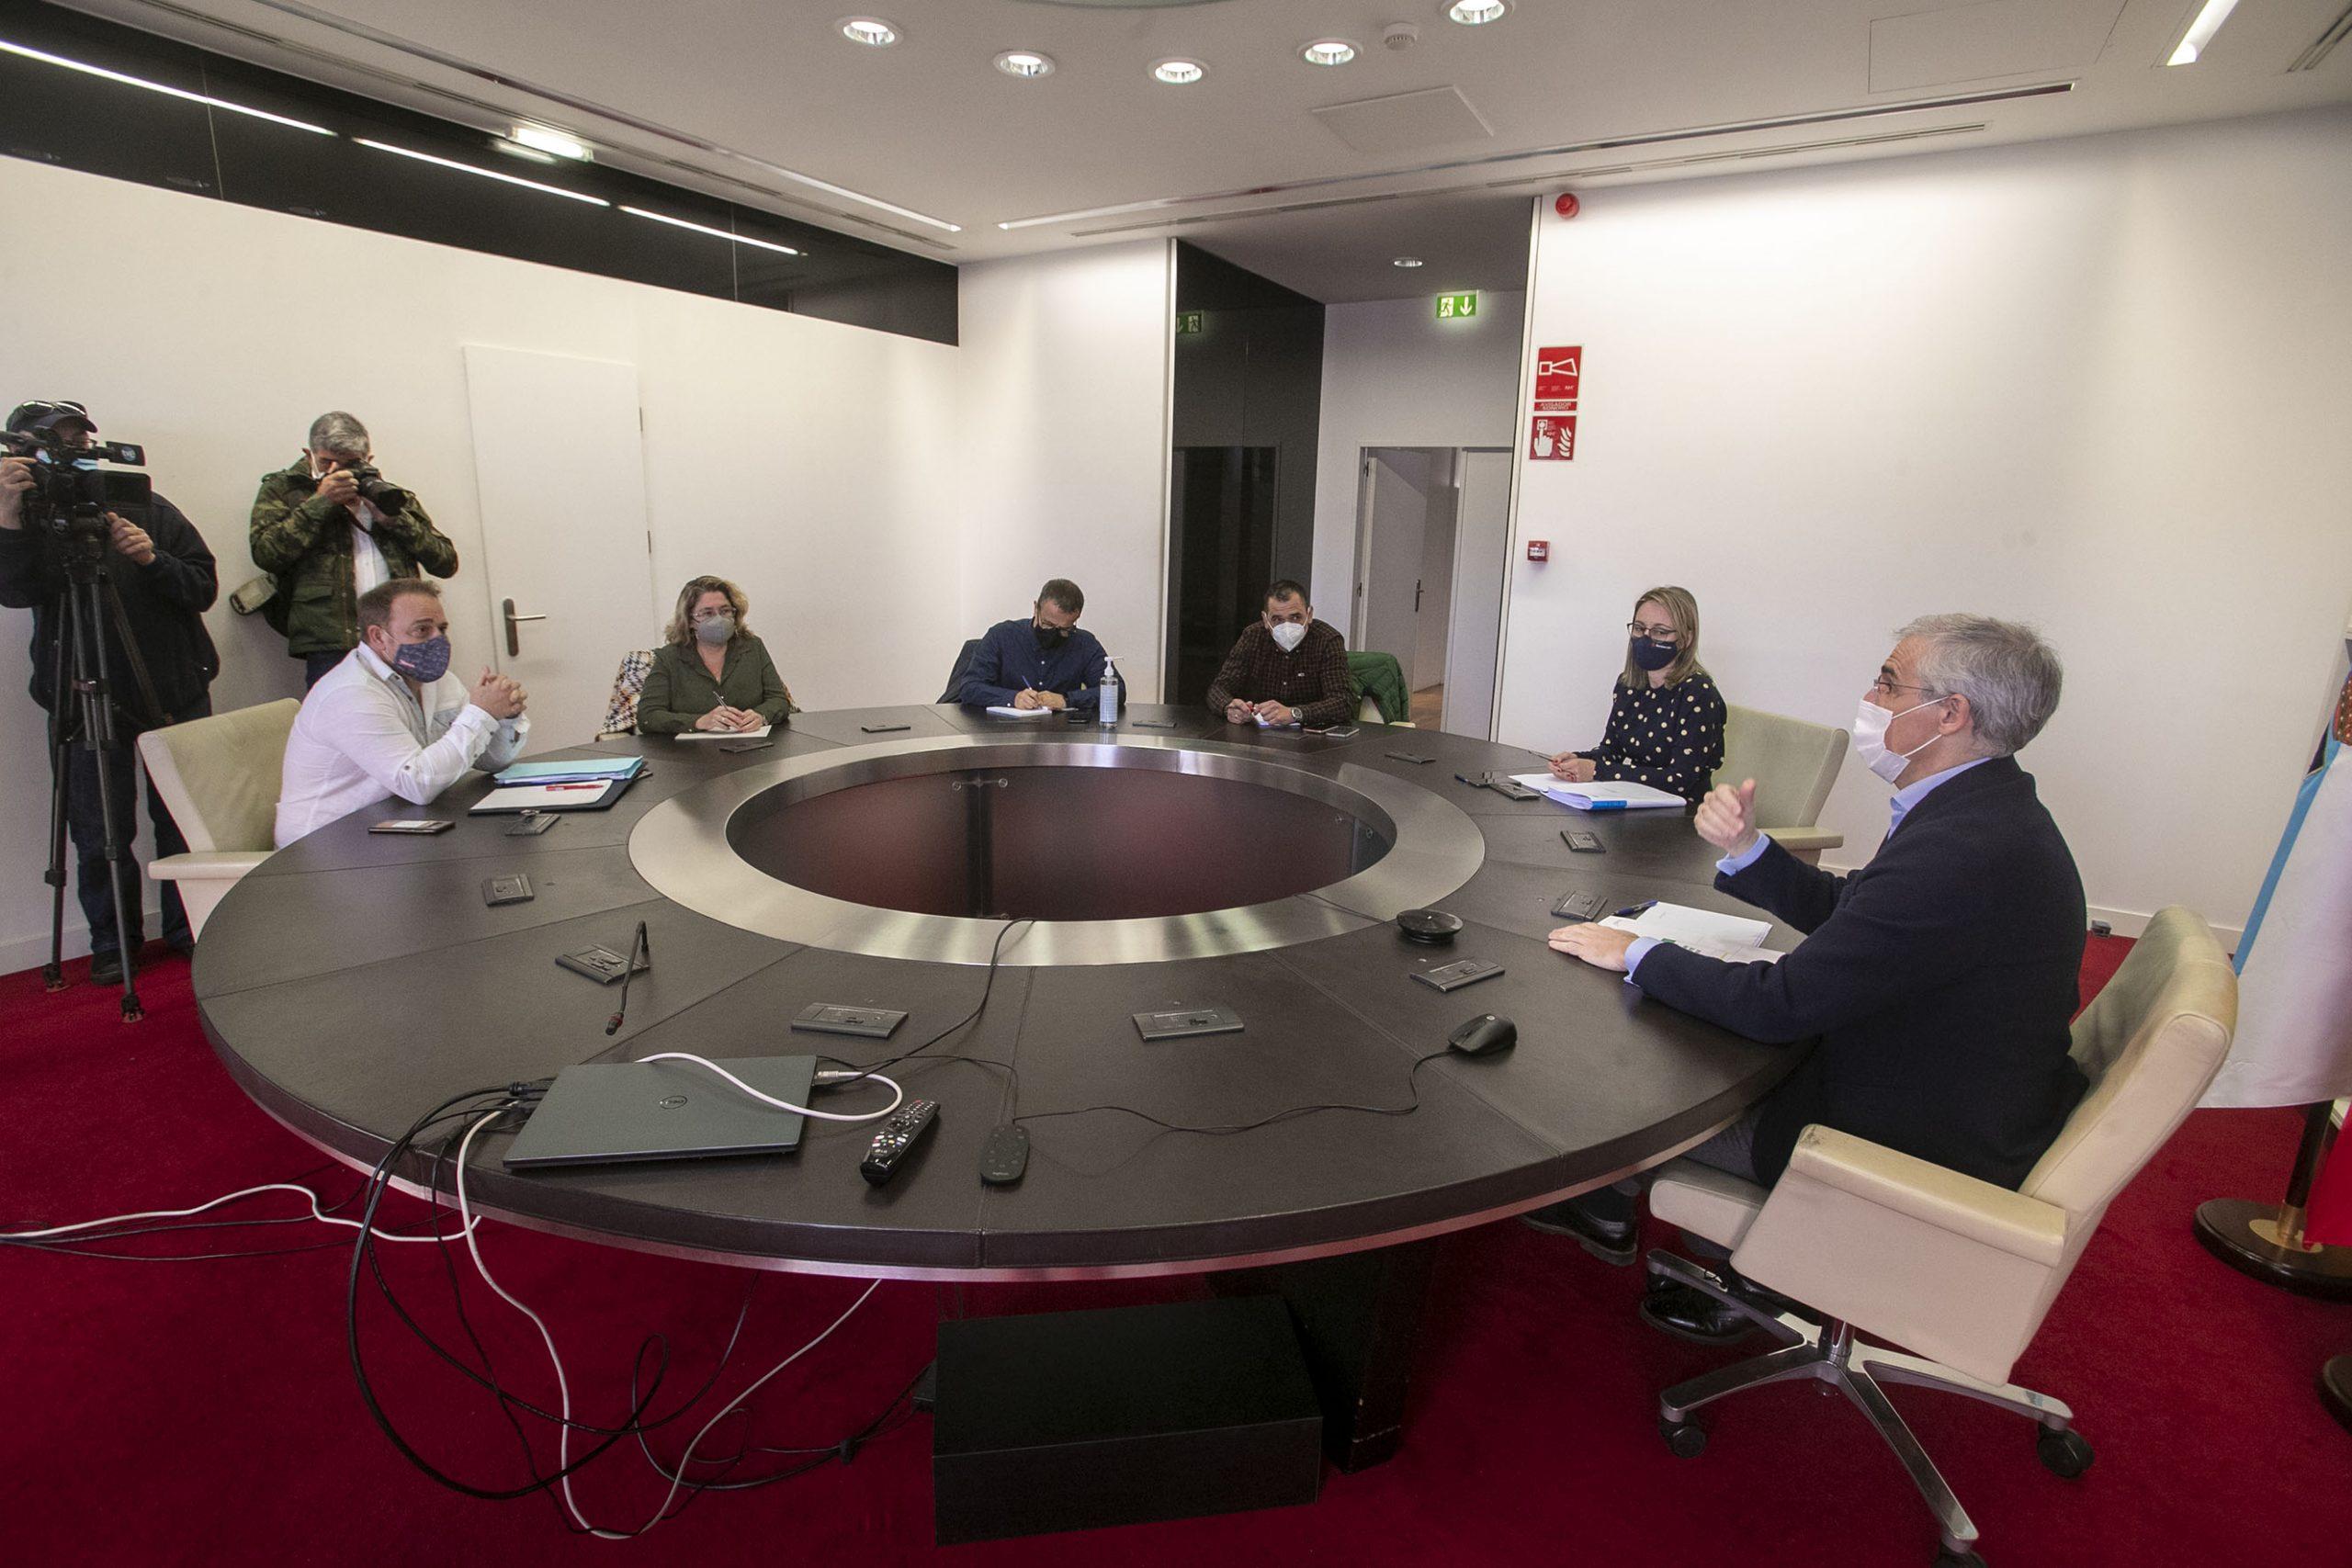 A Xunta e os traballadores comparten a necesidade de que o goberno achegue respostas sobre a situación actual da operación de compra-venda da planta de San Cibrao